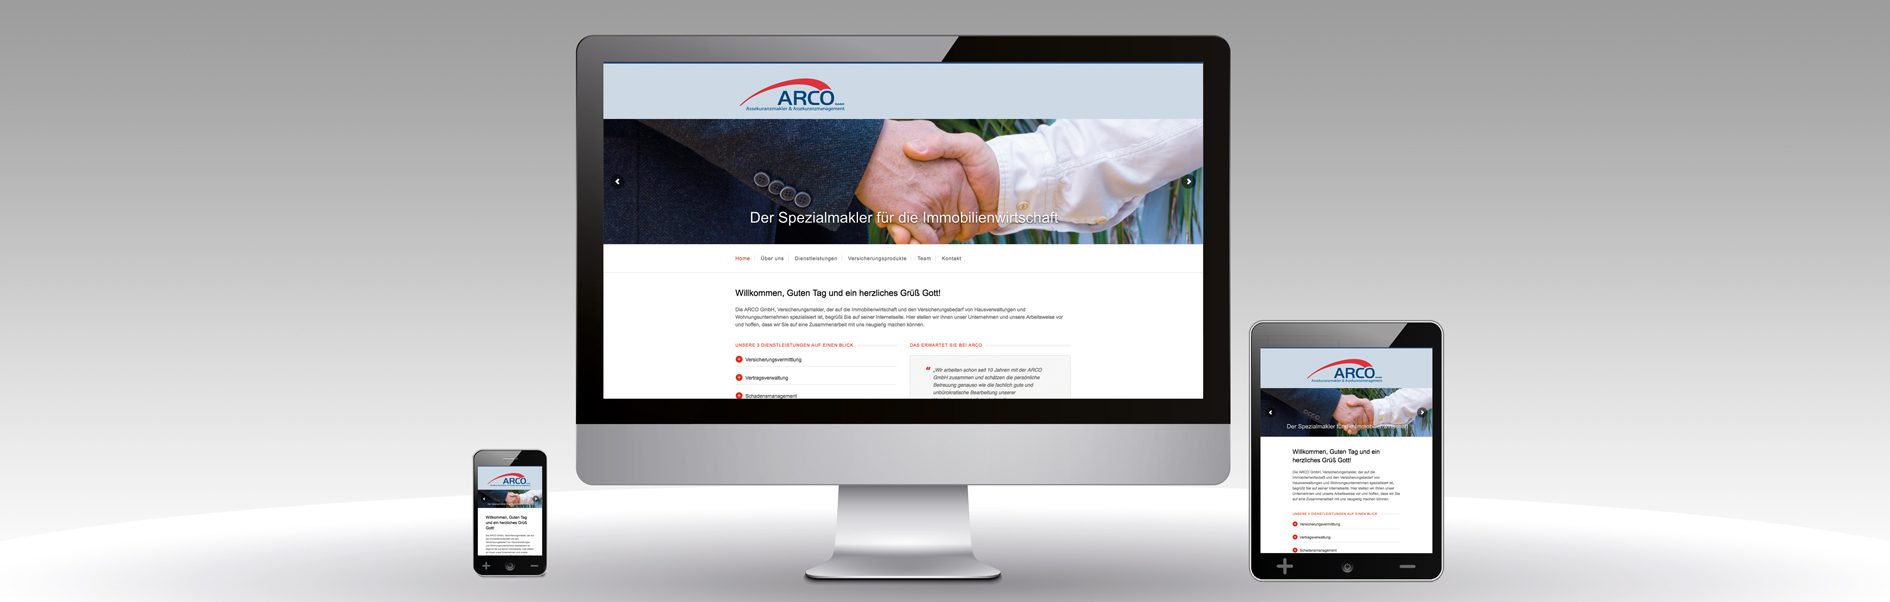 Hier ist der neue Internetauftritt von ARCO zu sehen.